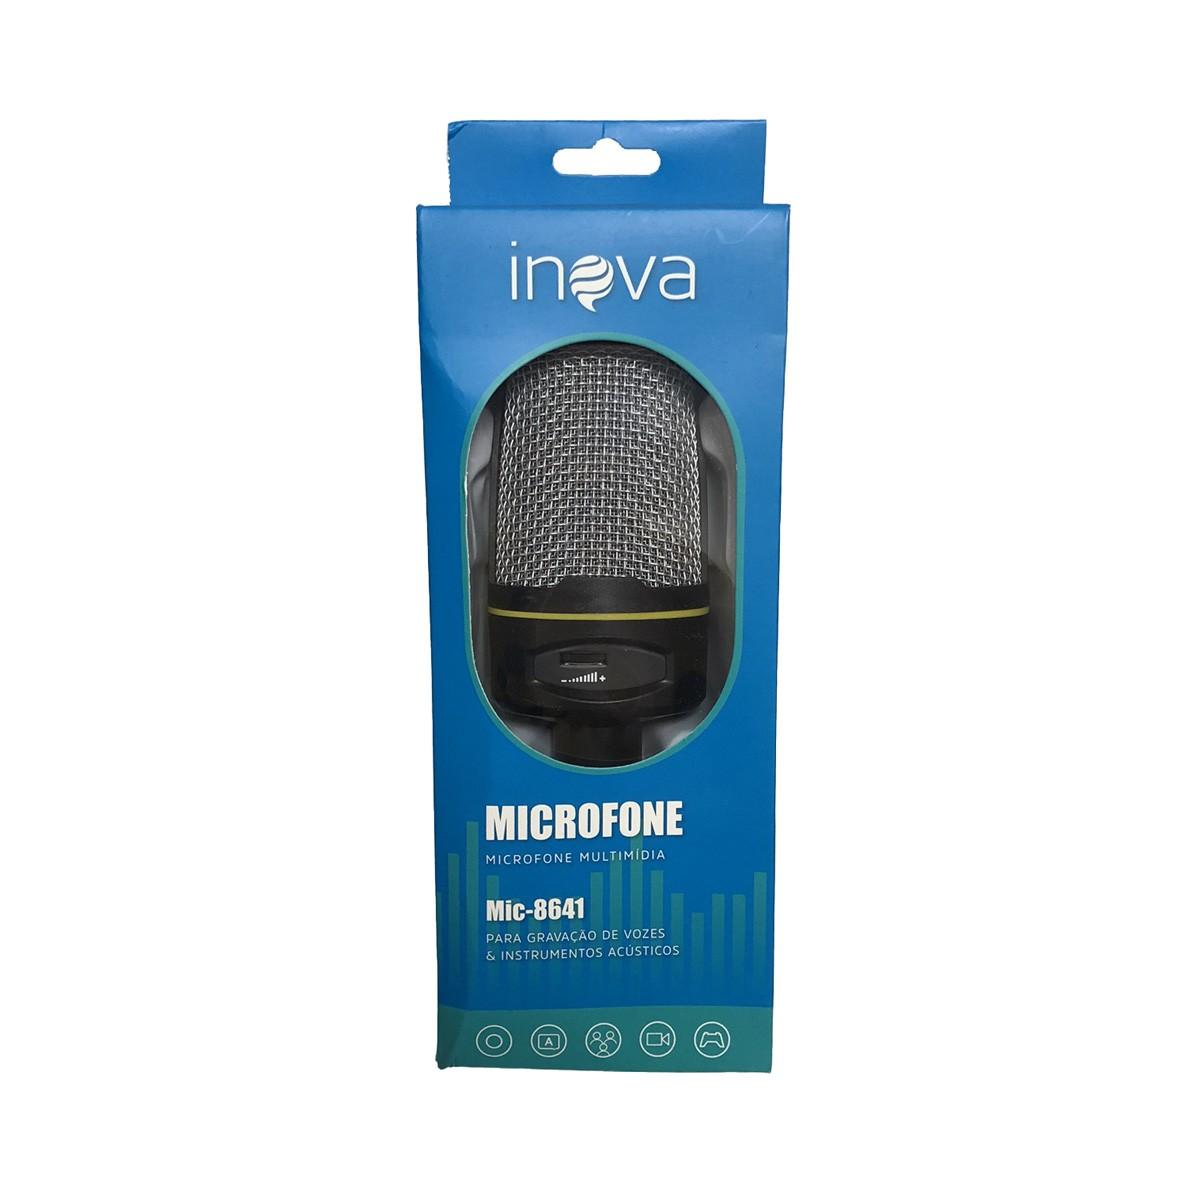 Microfone Condensador Para Gravação No Pc Com Tripe MIC-8641 Inova